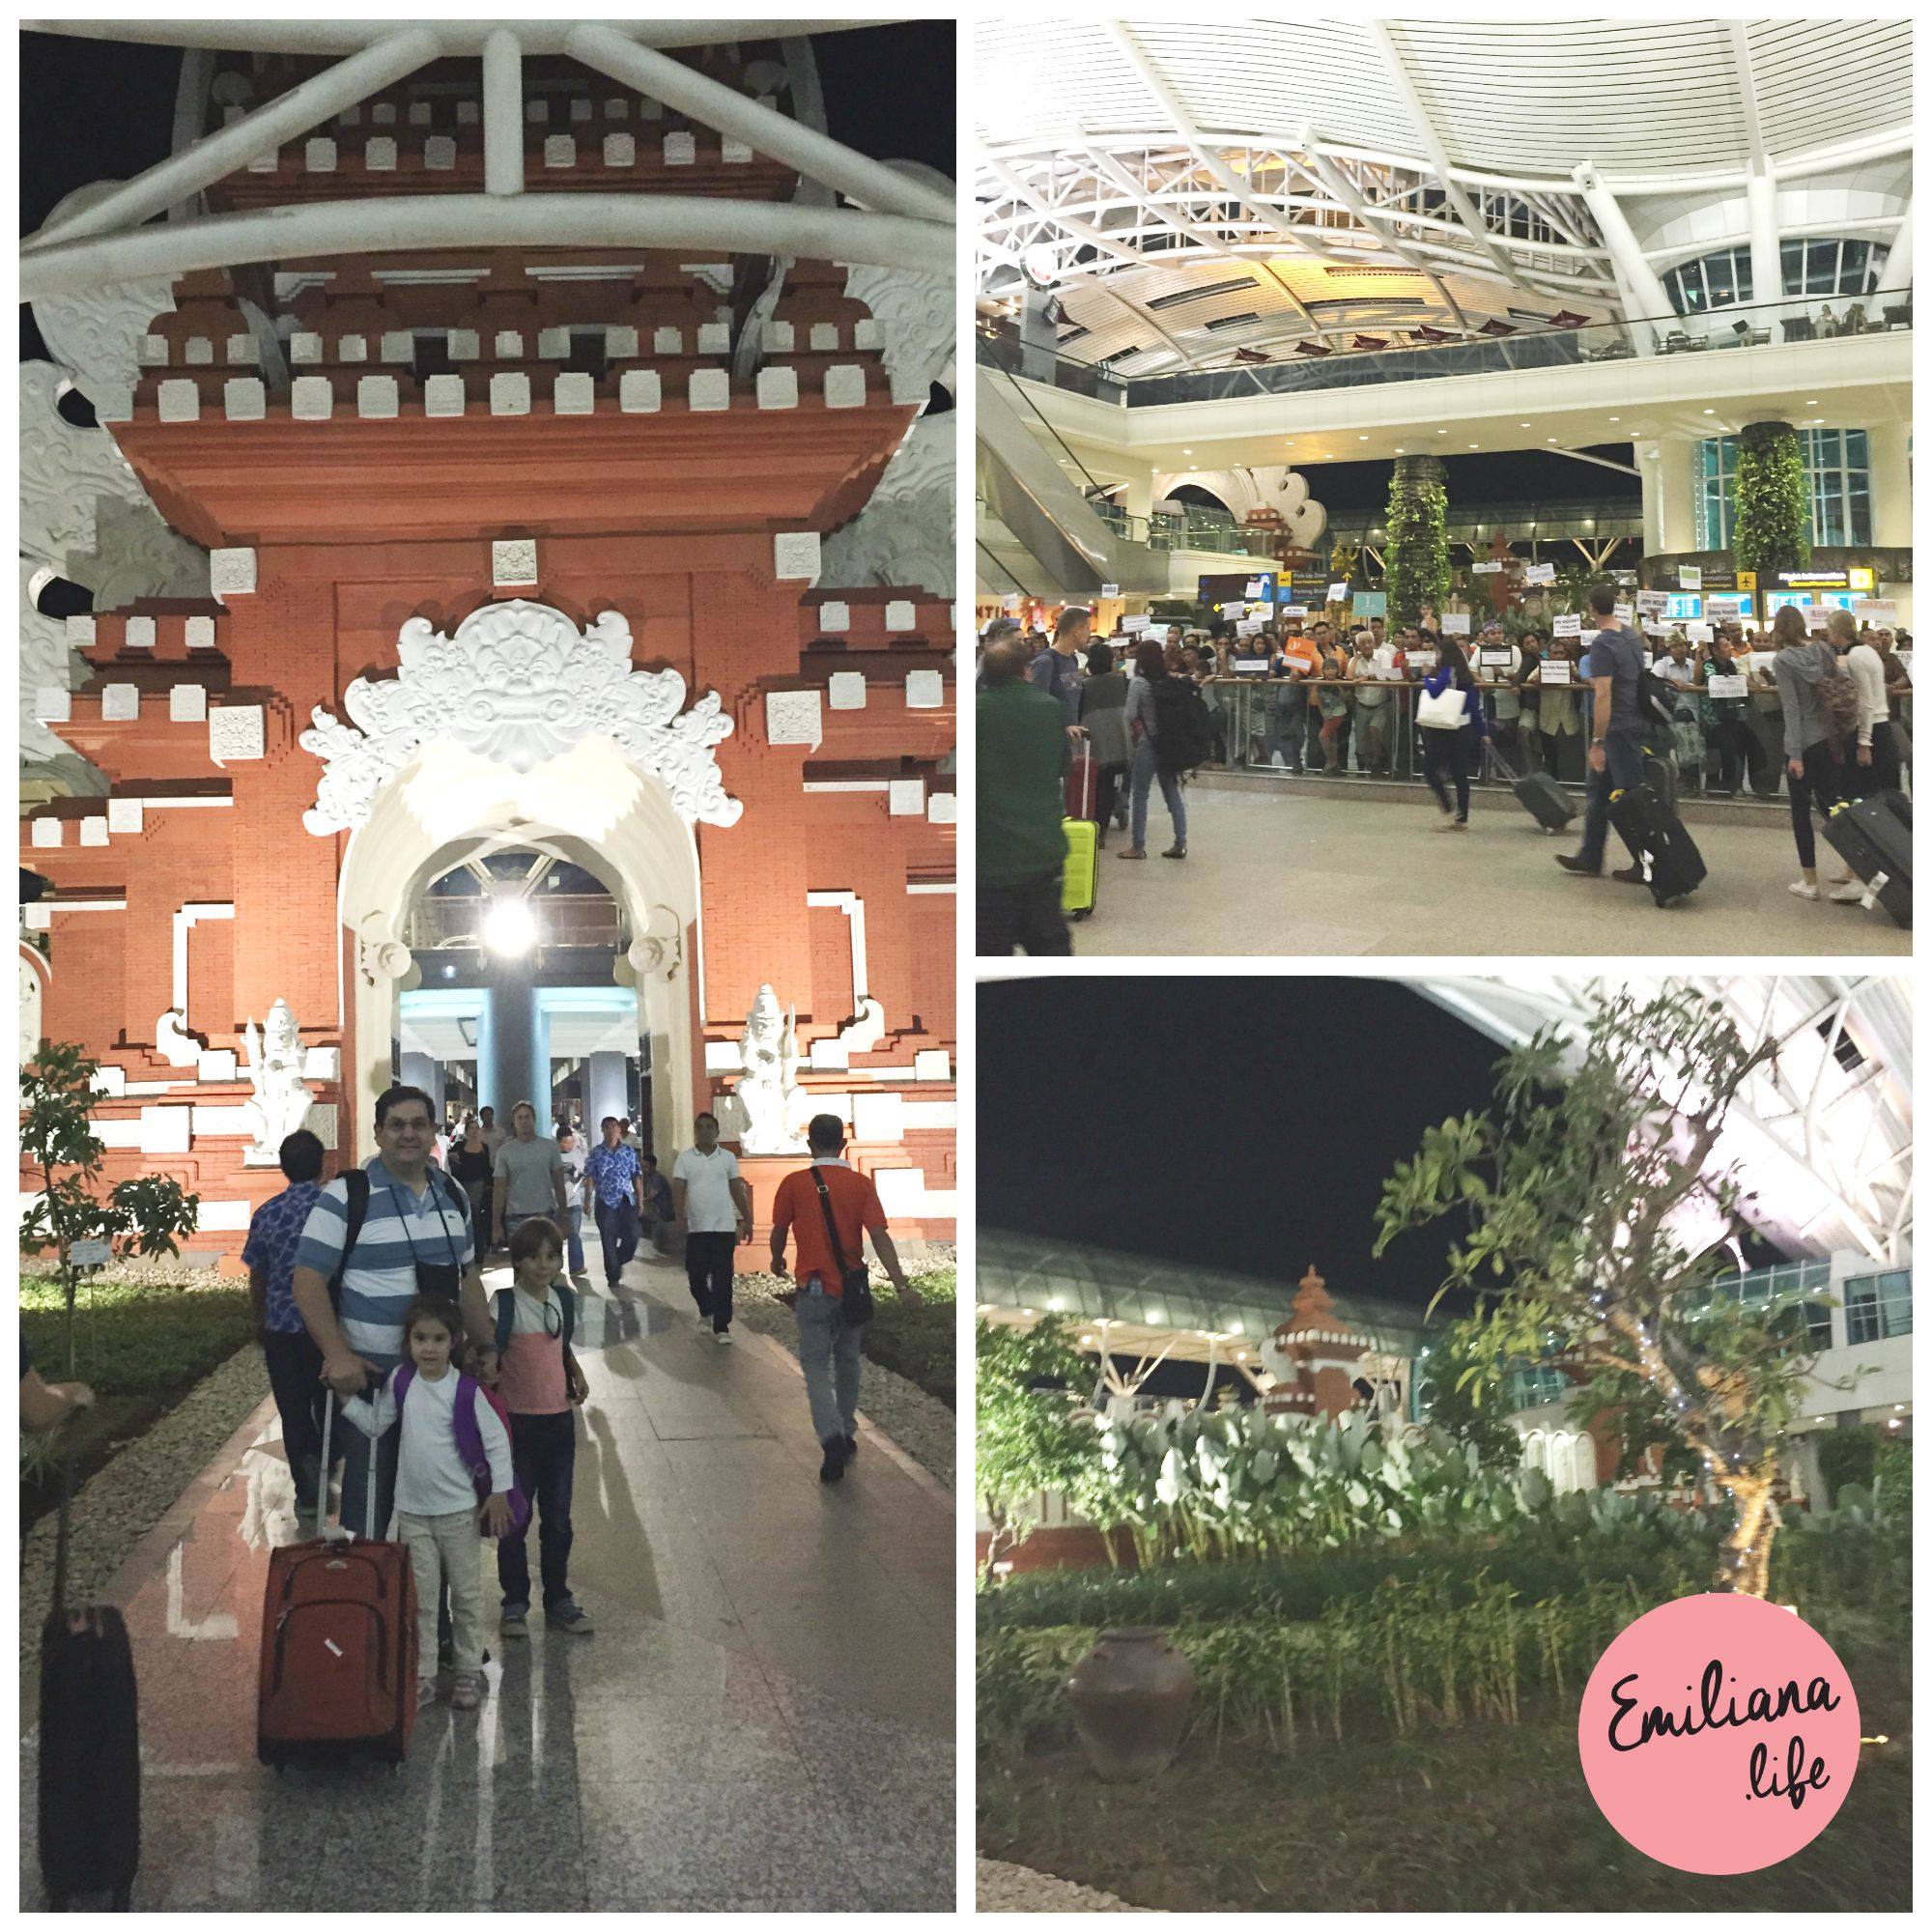 Aeroporto Bali : Melhores dicas de viagem para bali indonésia u emiliana life